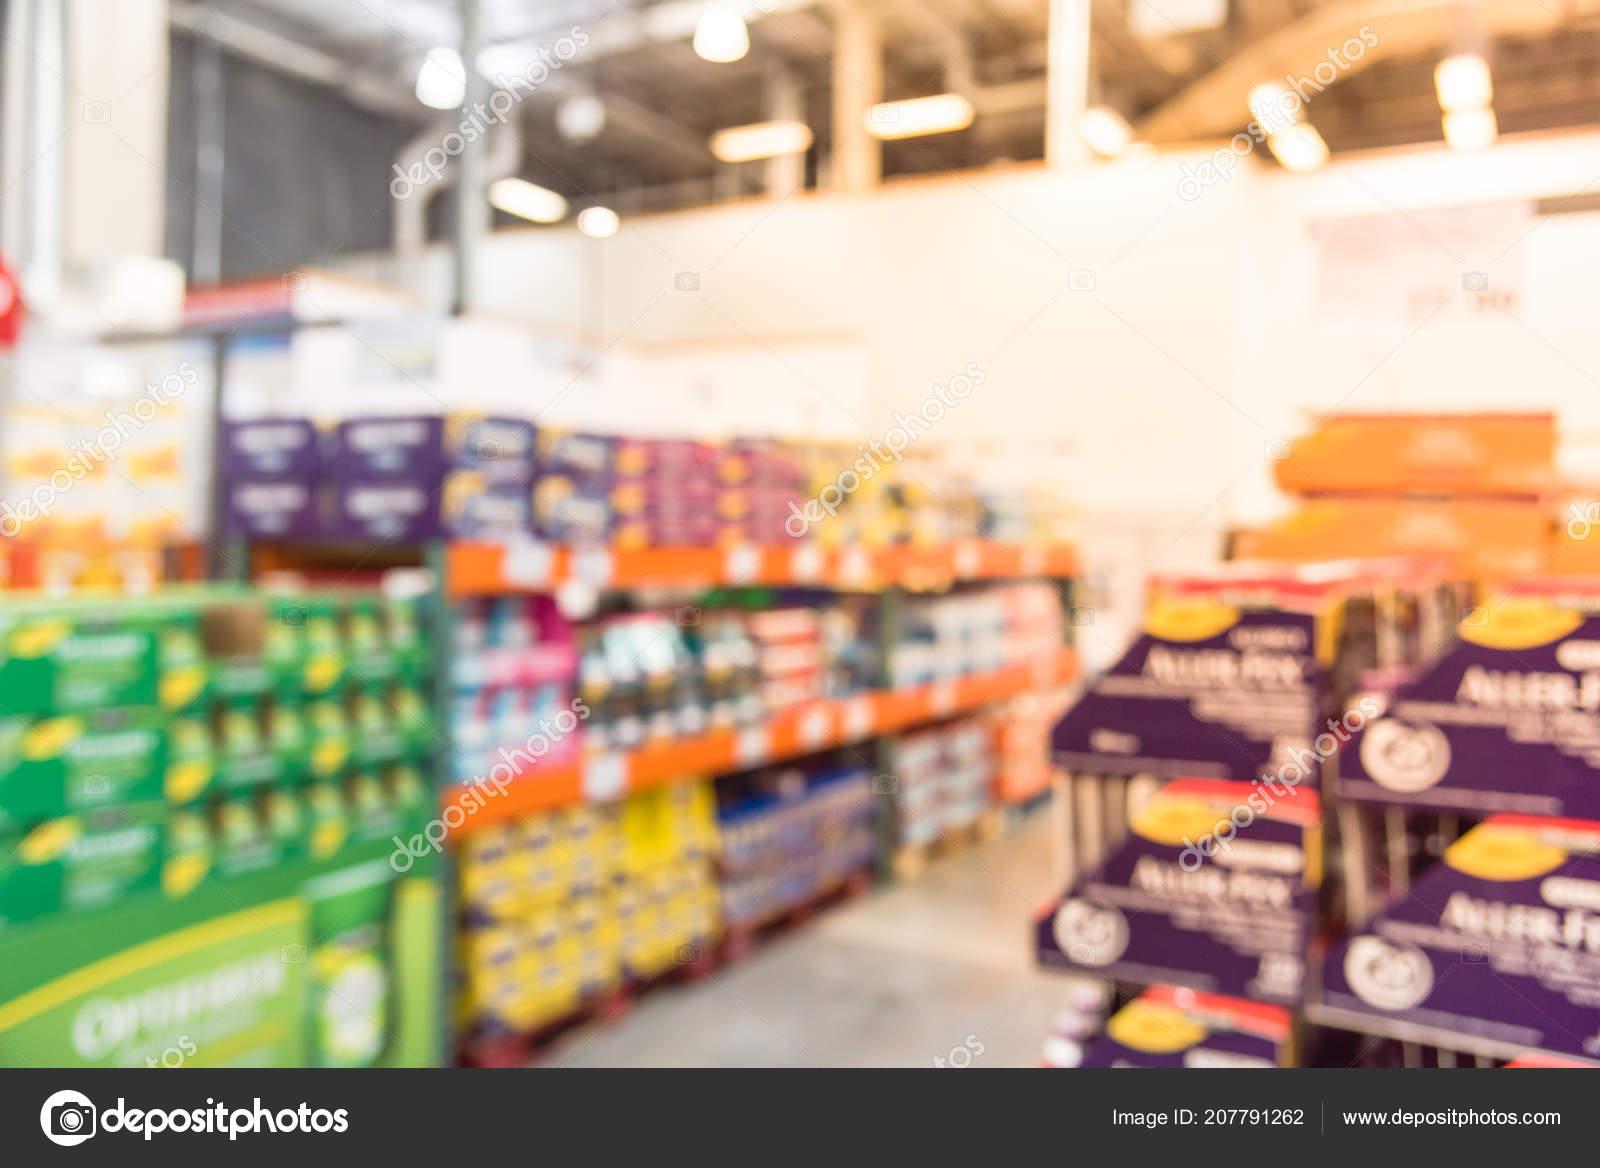 Blurred Image Wholesale Vitamin Shelves Huge Variation